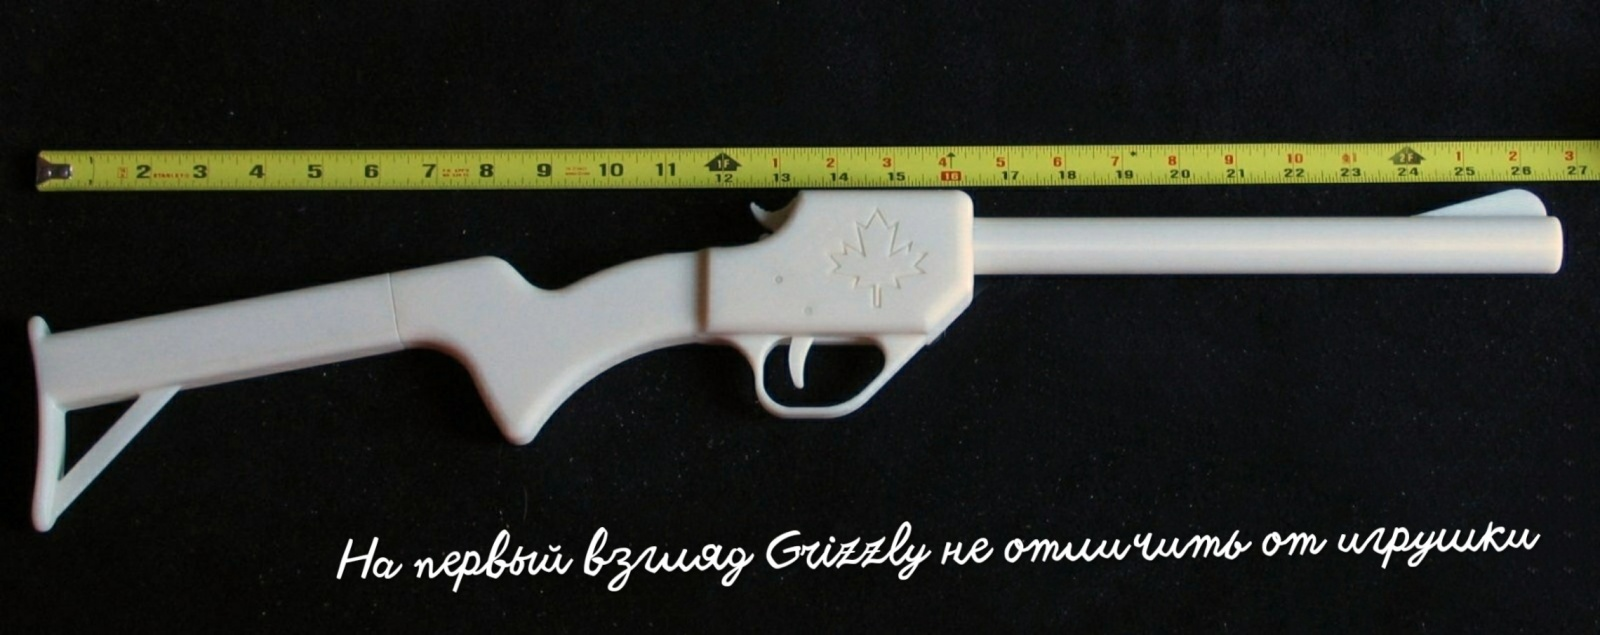 Огнестрельный DIY: история и перспективы 3D-печатного оружия - 4